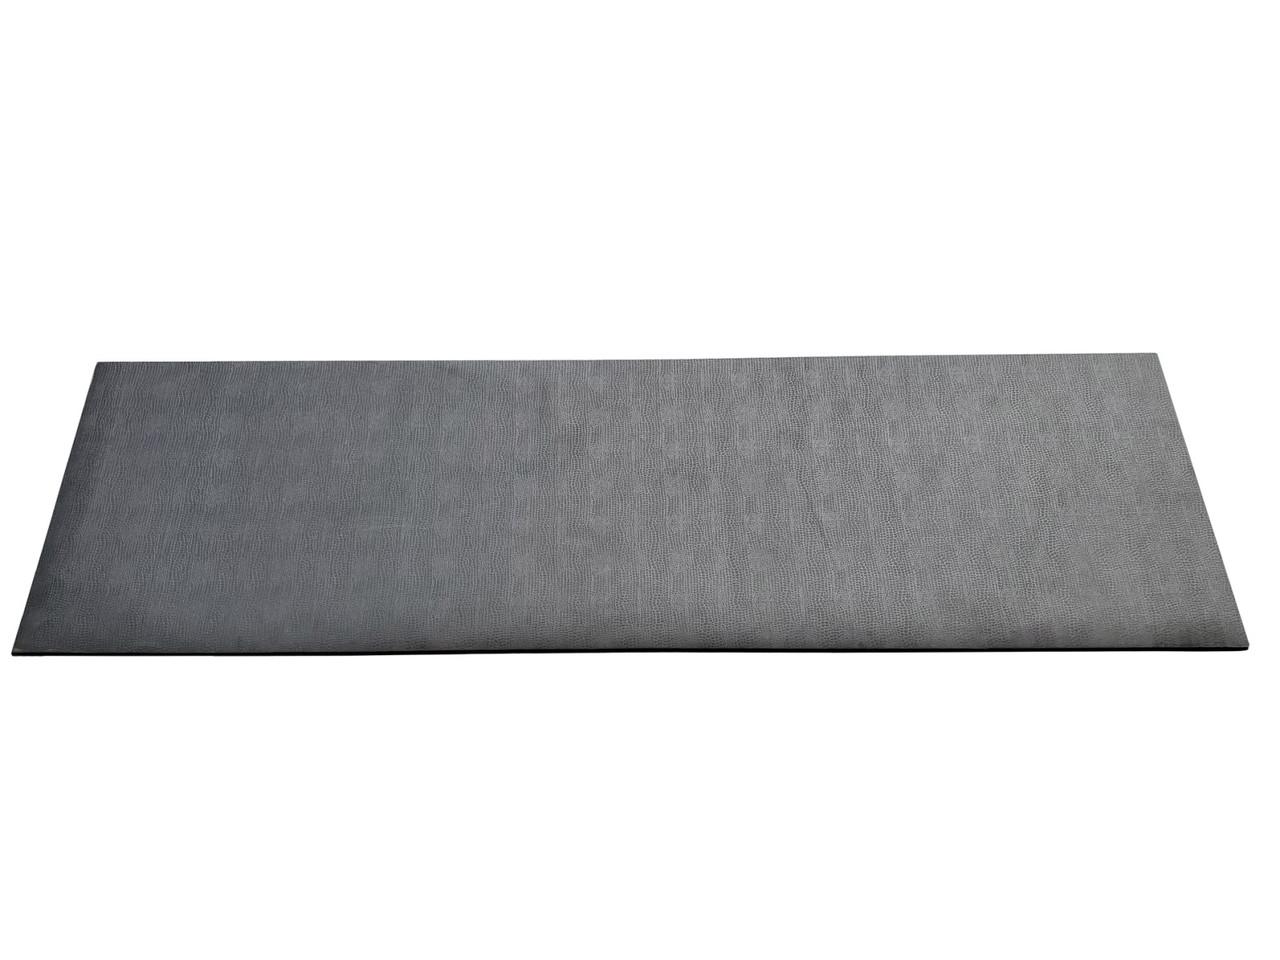 Коврик спортивный, каремат, для тренировок, йоги и фитнеса 1850*550*5 мм